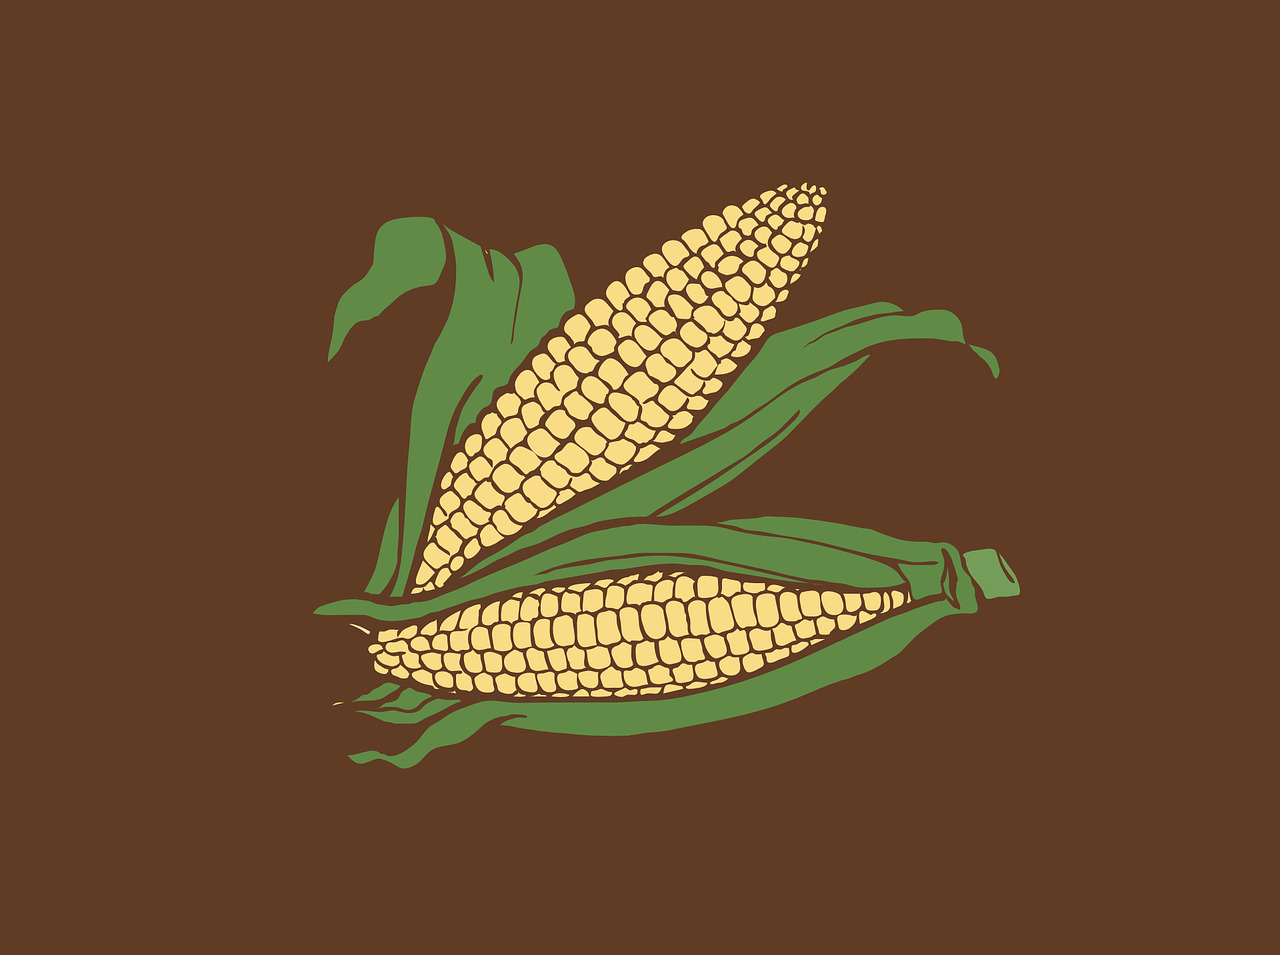 トウモロコシのきれいな食べ方・取り方を現役トウモロコシ農家が解説